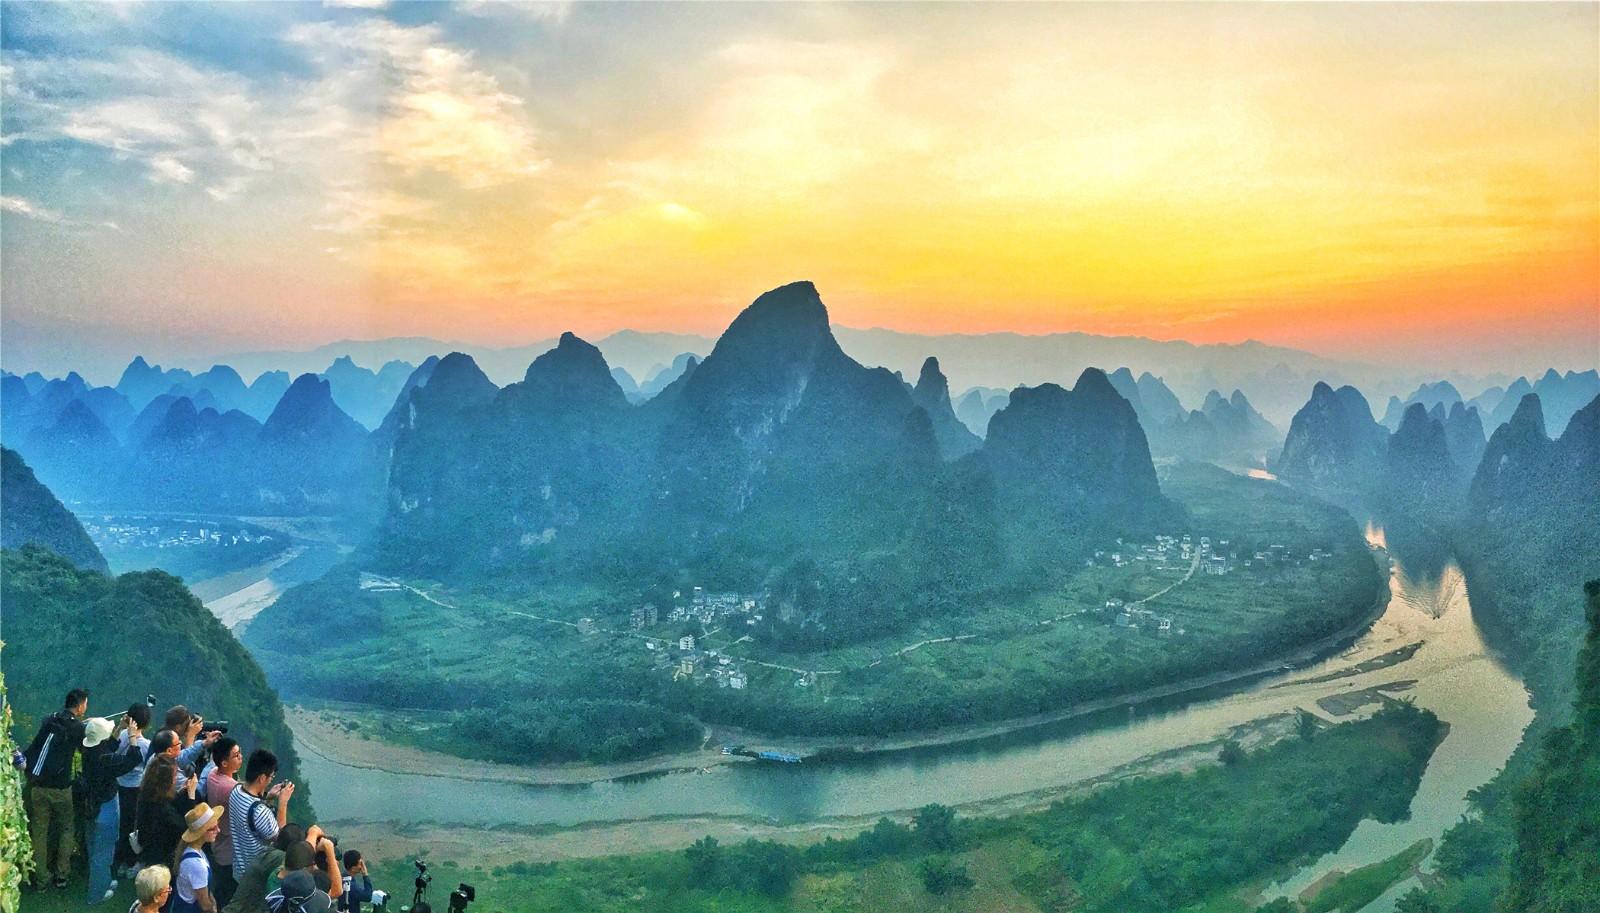 桂林旅游攻略圖片13